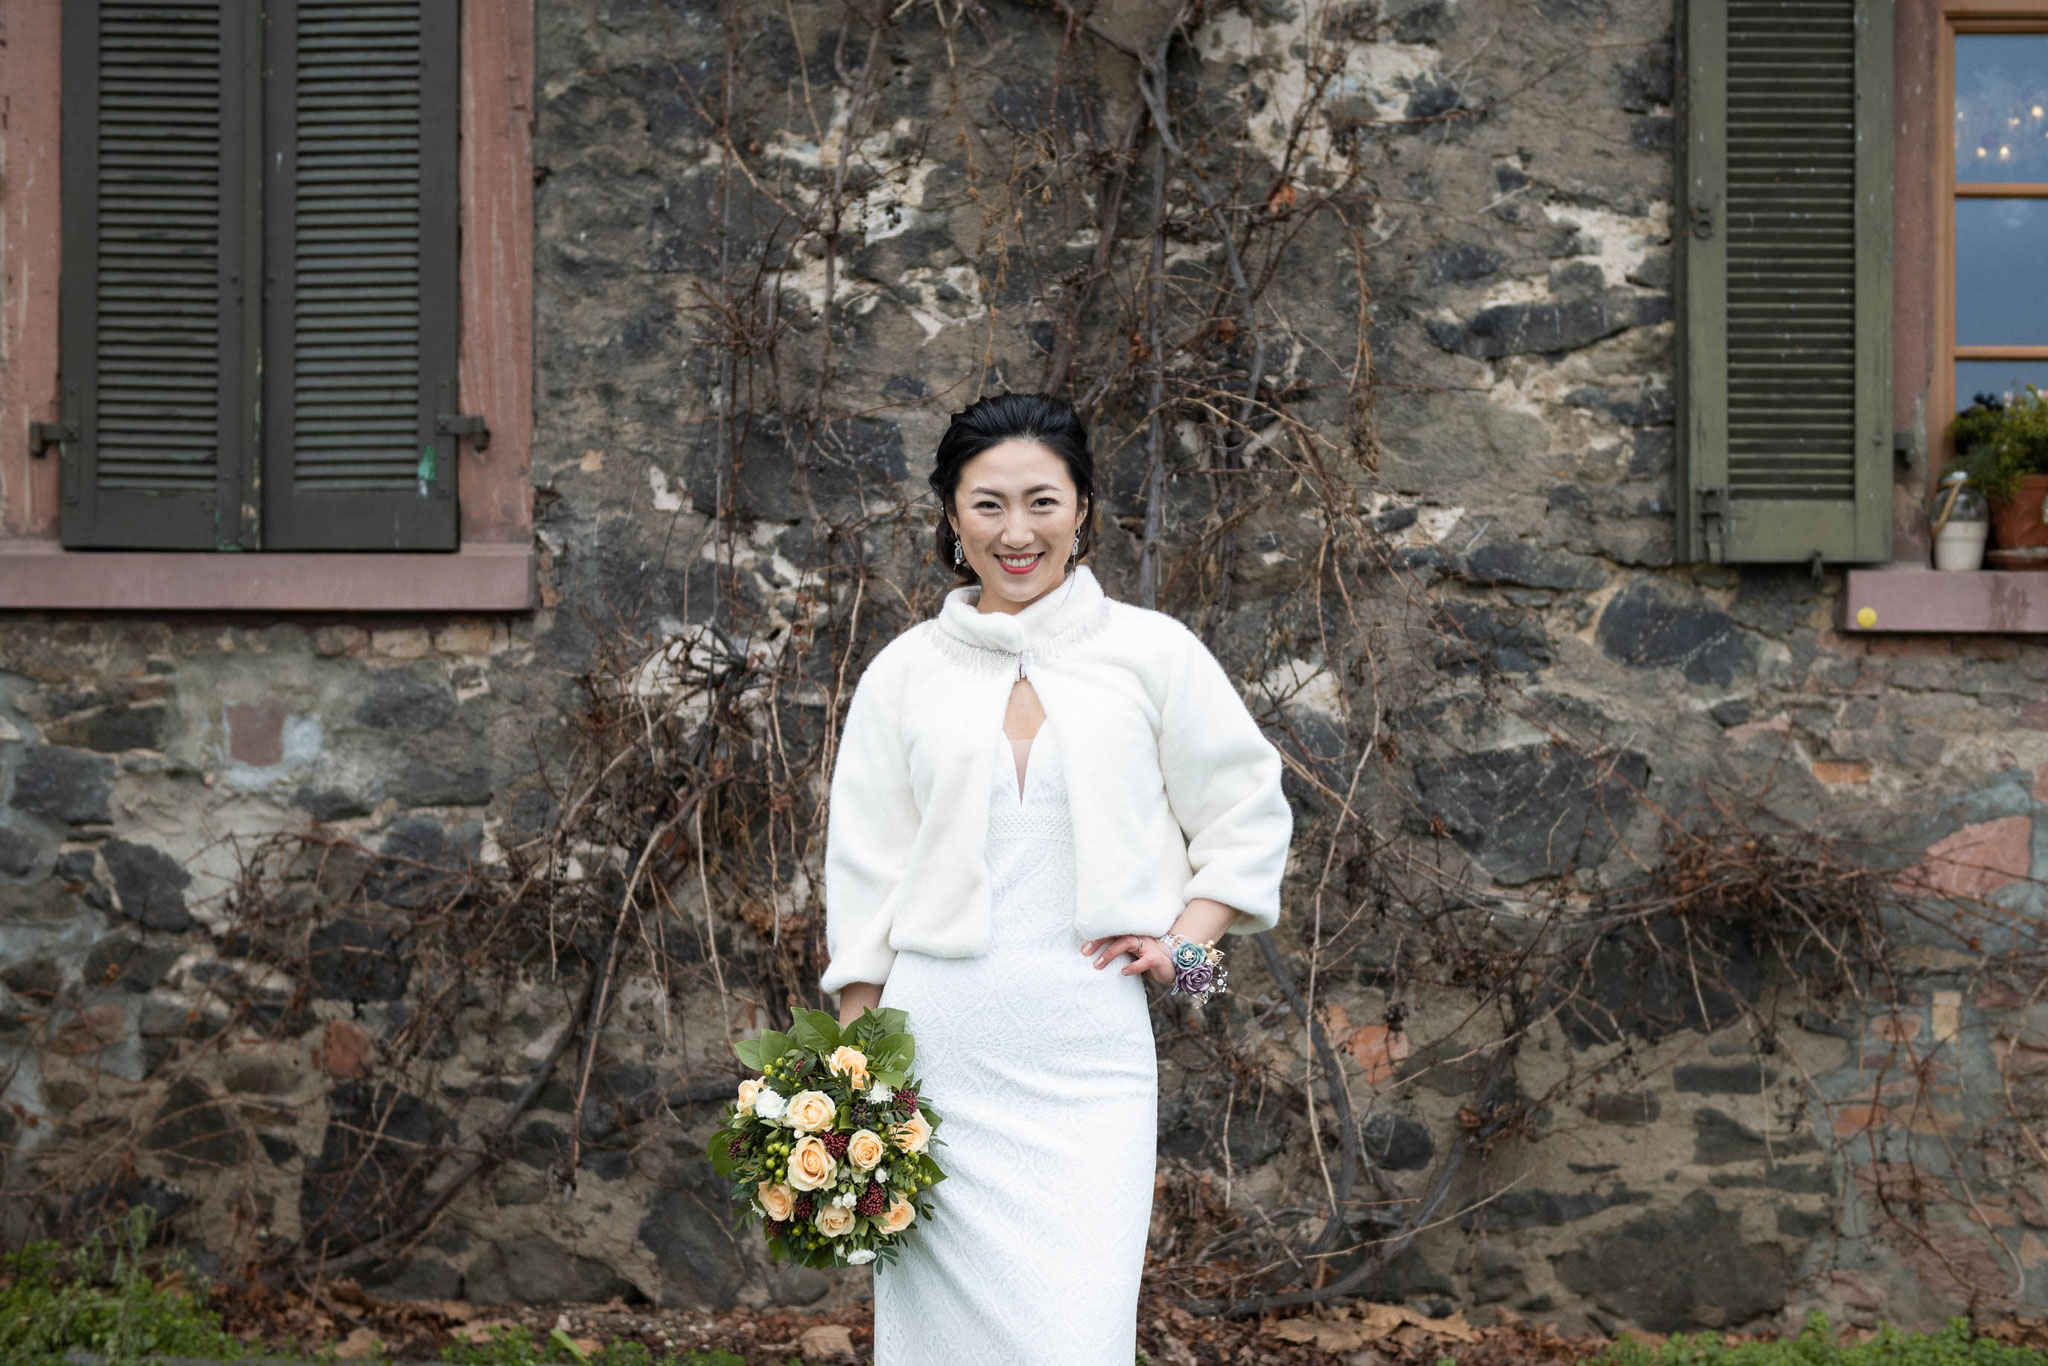 Professionelle Fotoaufnahmen von der Braut oder Brautshooting